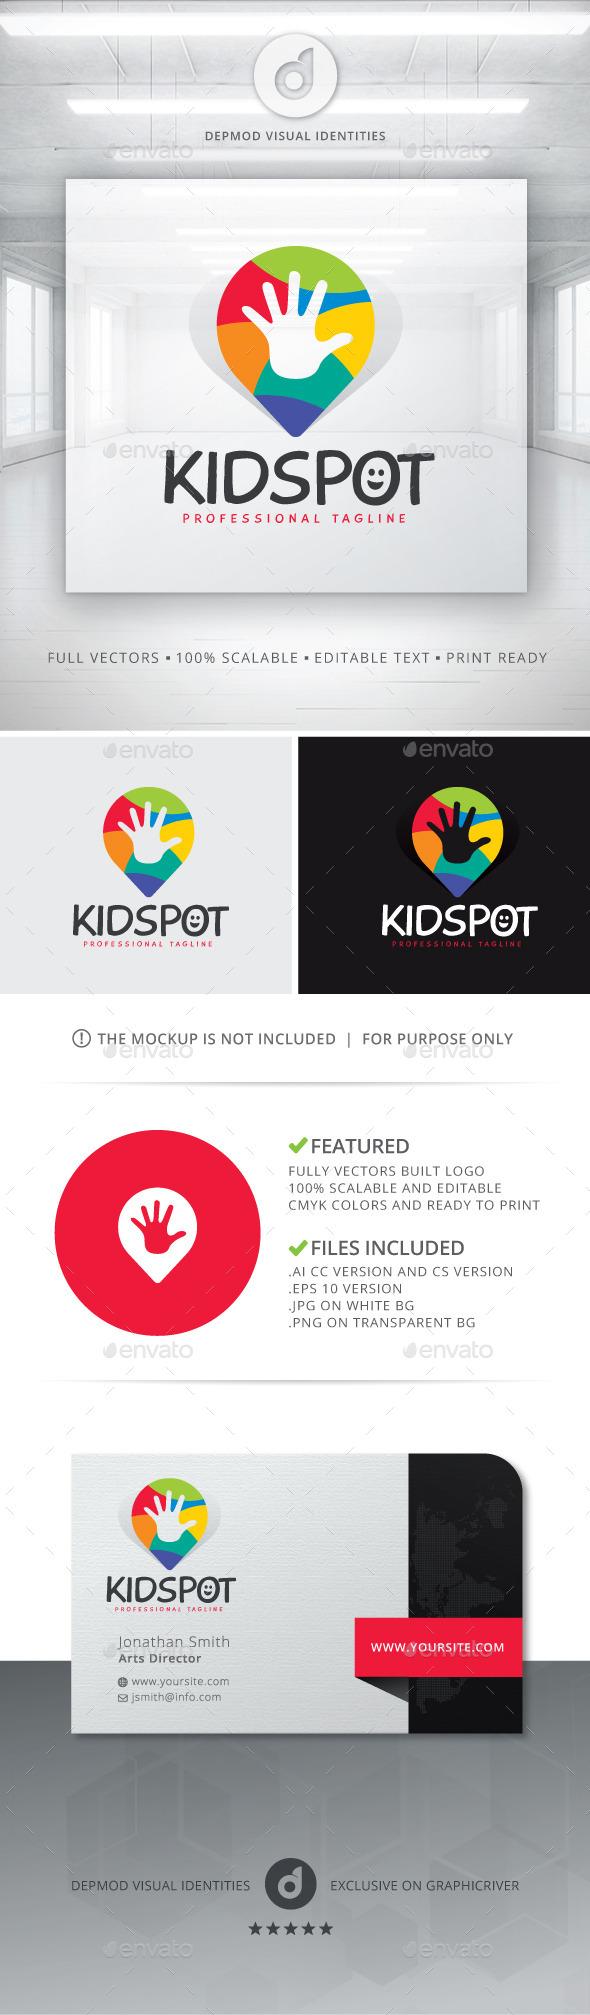 Kid Spot Logo